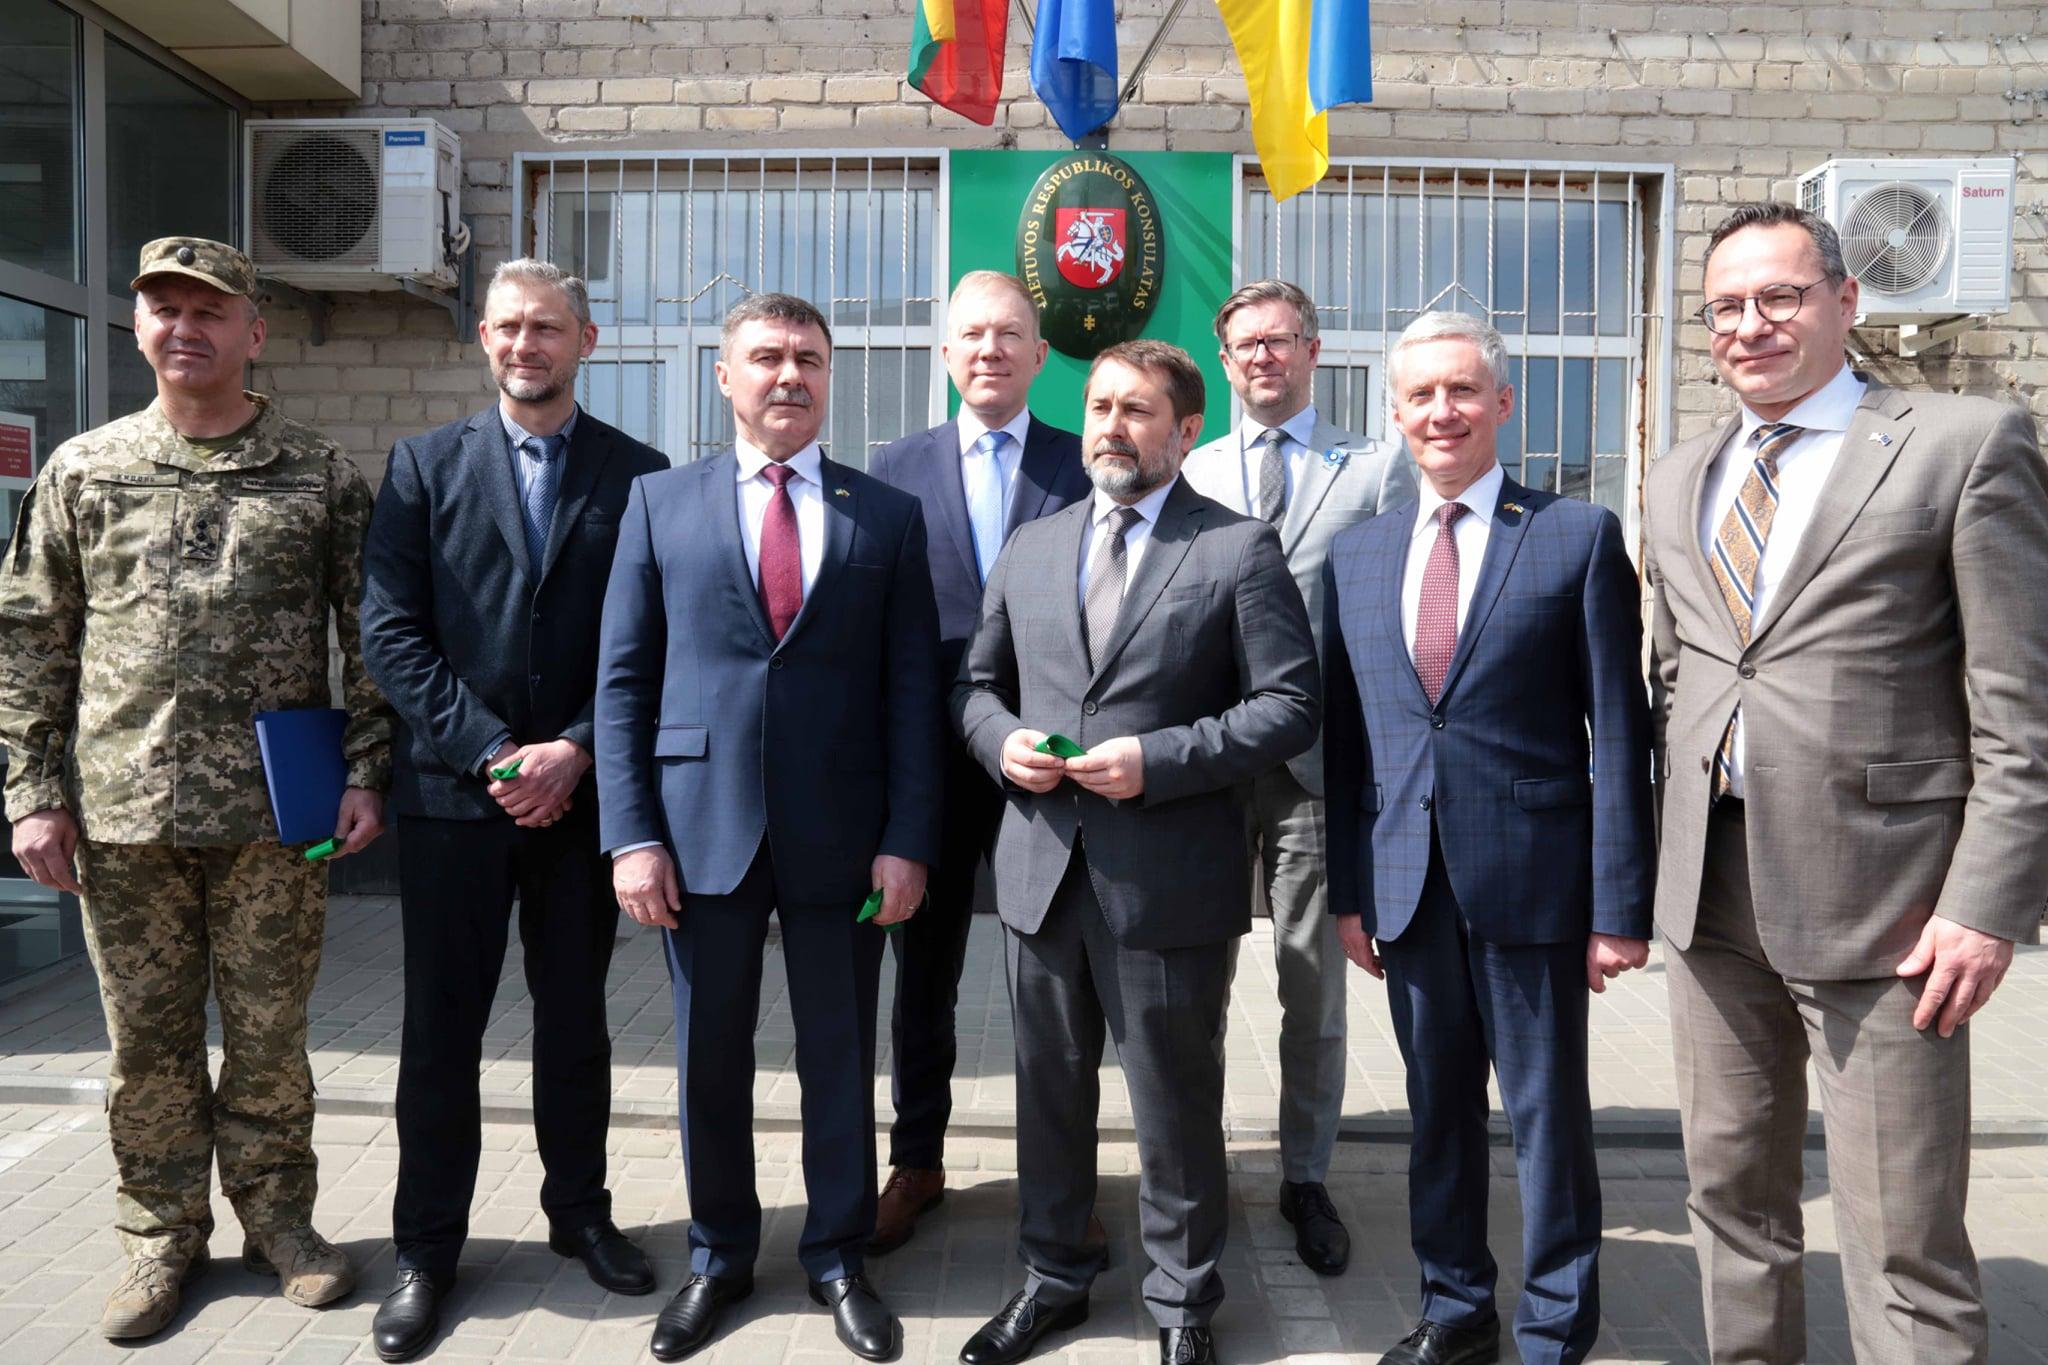 Сєвєродонецьк консульство Литви